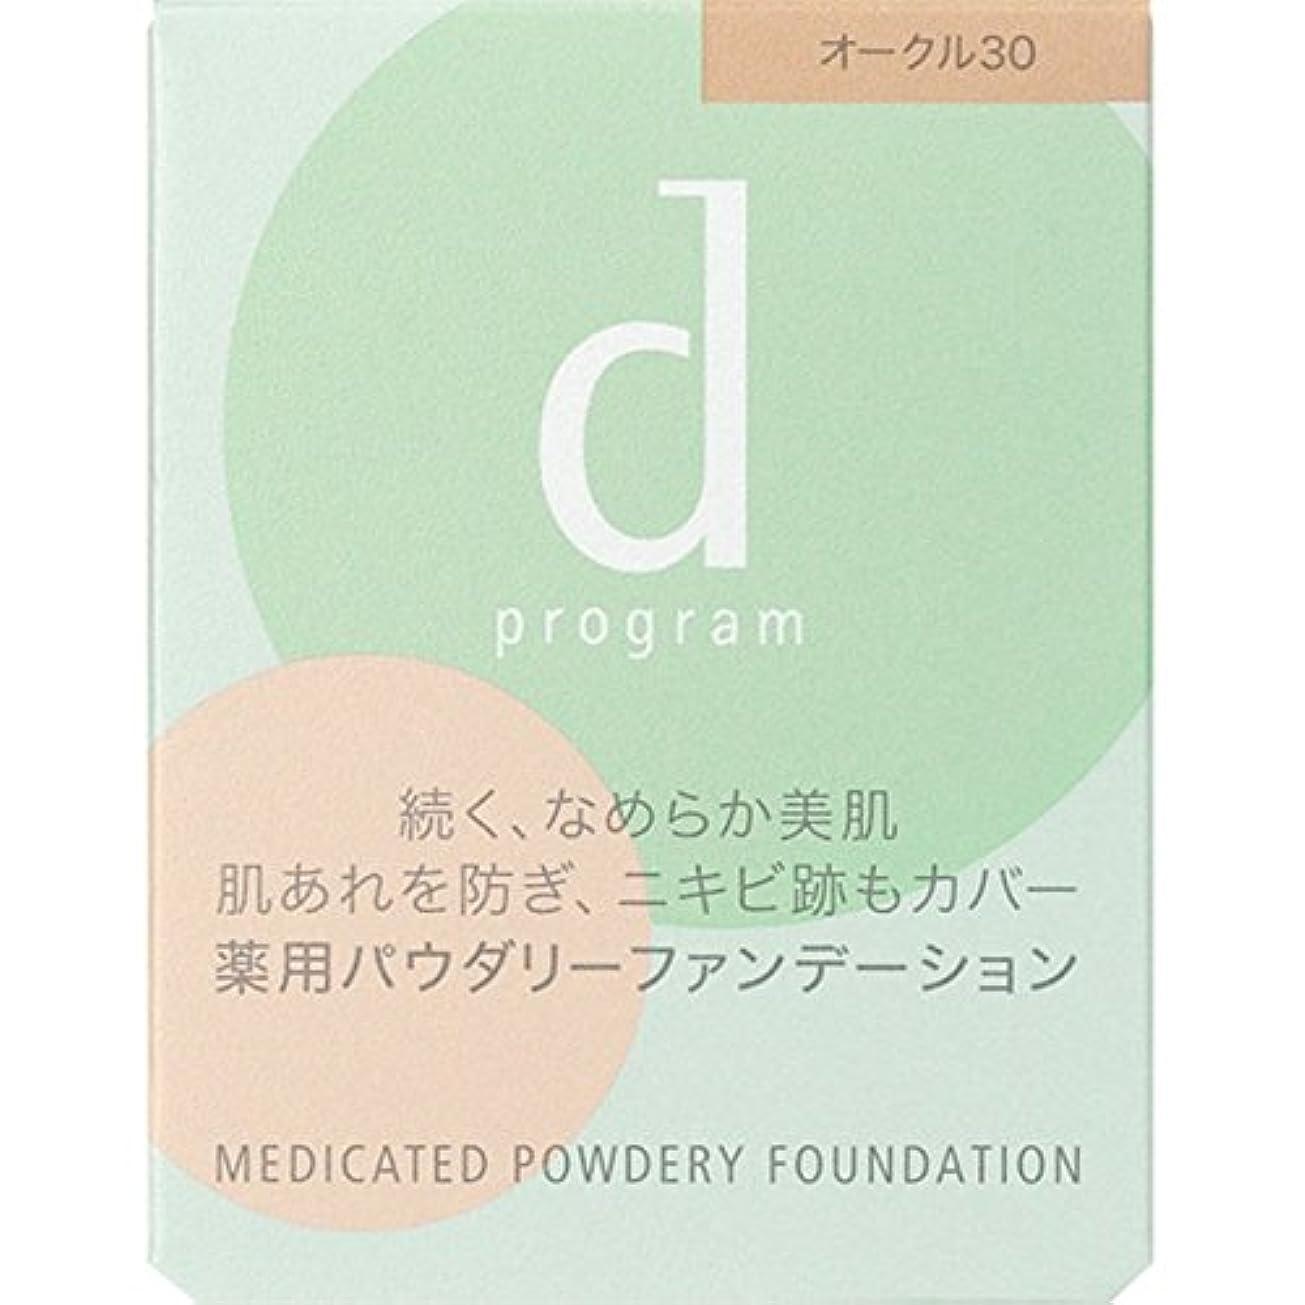 マキシム揃える明らか資生堂インターナショナル dプログラム メディケイテッド パウダリーファンデーション OC30 (医薬部外品)